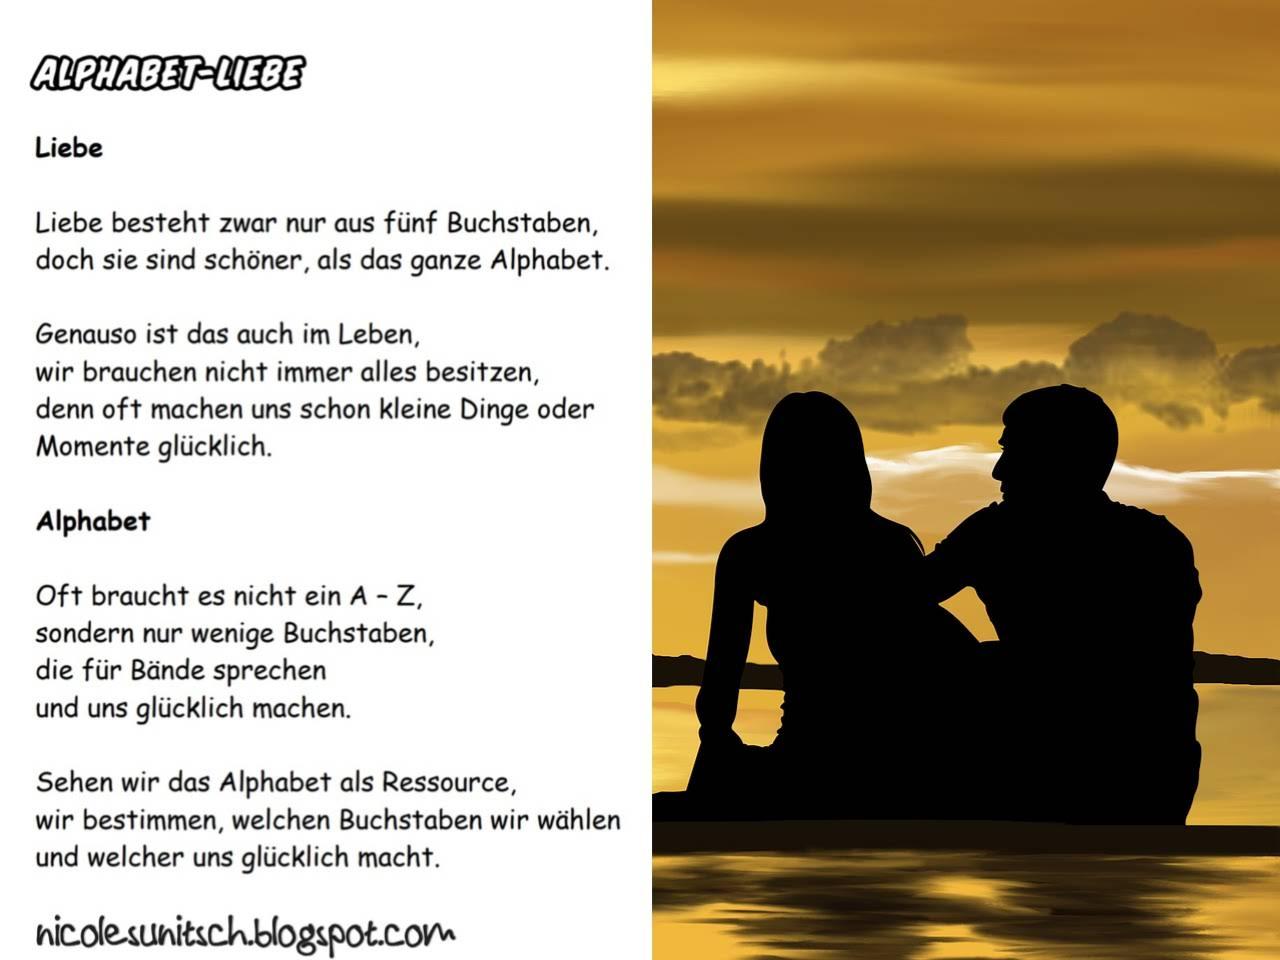 Gedichte Von Nicole Sunitsch Autorin Alphabet Liebe Aus Dem